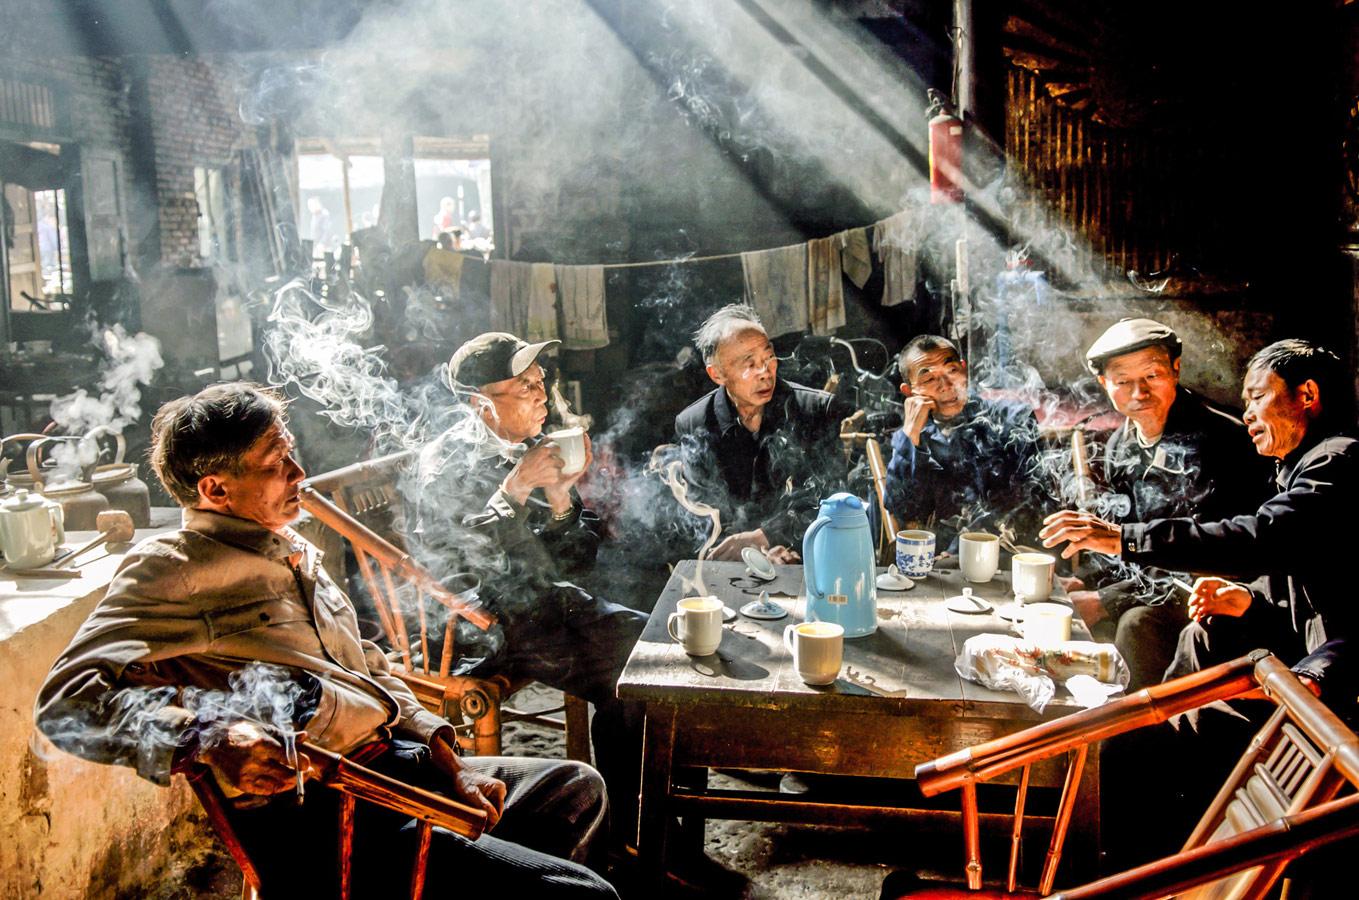 Чайный дом, © Ли Чанг / Le Chang, США, 3 место в номинации «Уличная фотография», Фотоконкурс 35AWARDS — 100 Best Photos